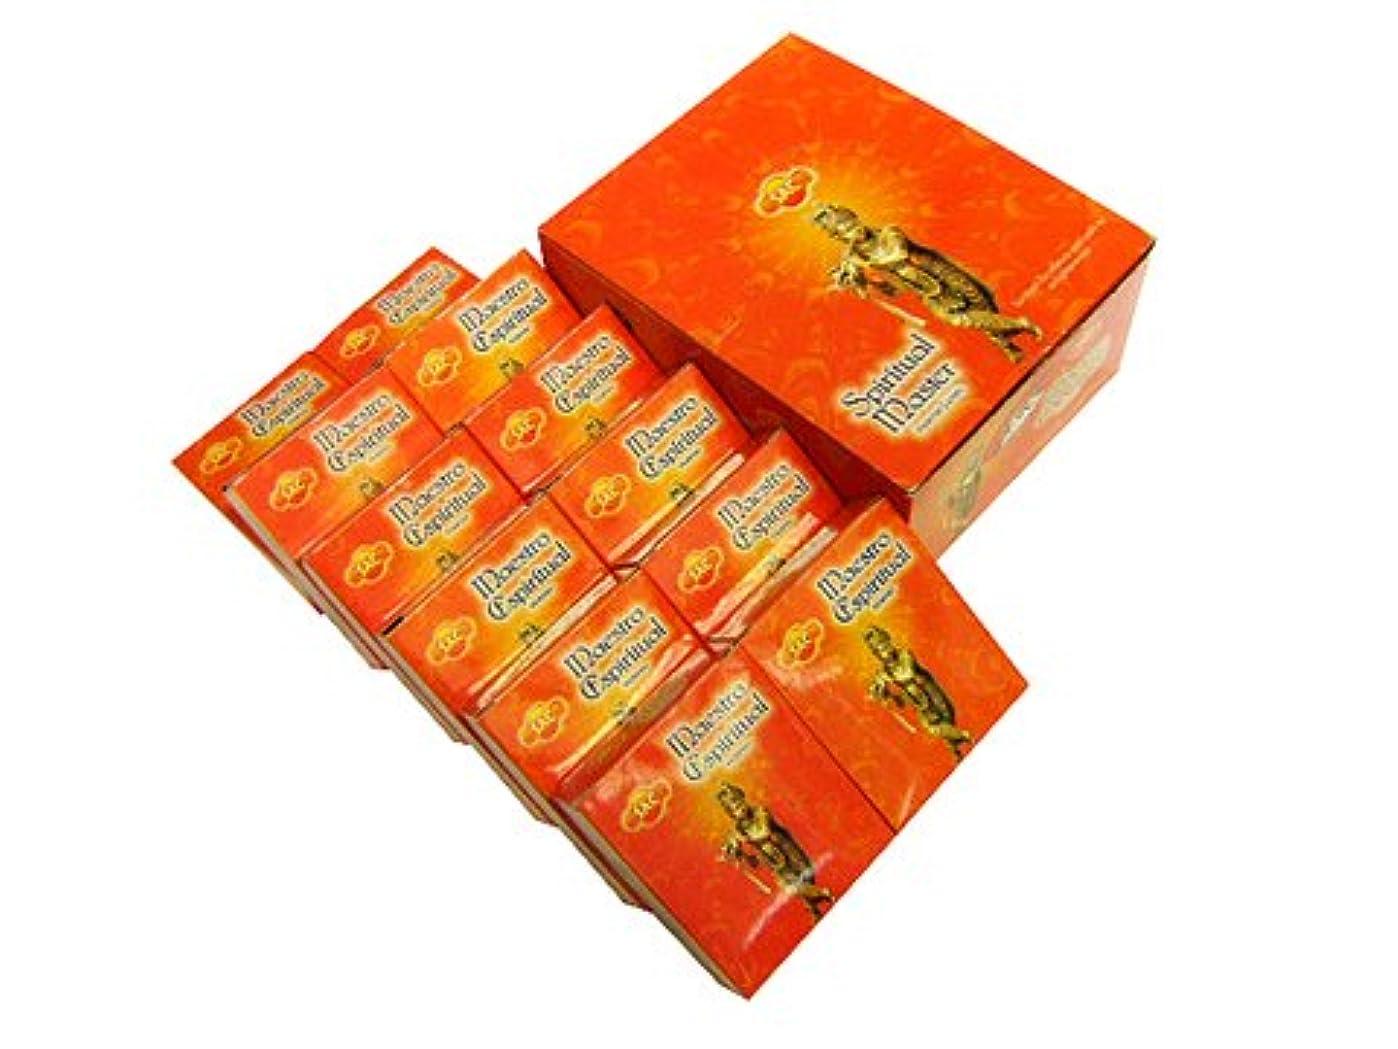 腹部等価民主主義SANDESH SAC (サンデッシュ) スピリチュアルマスター香コーンタイプ SPIRITUAL MASTER CORN 12箱セット